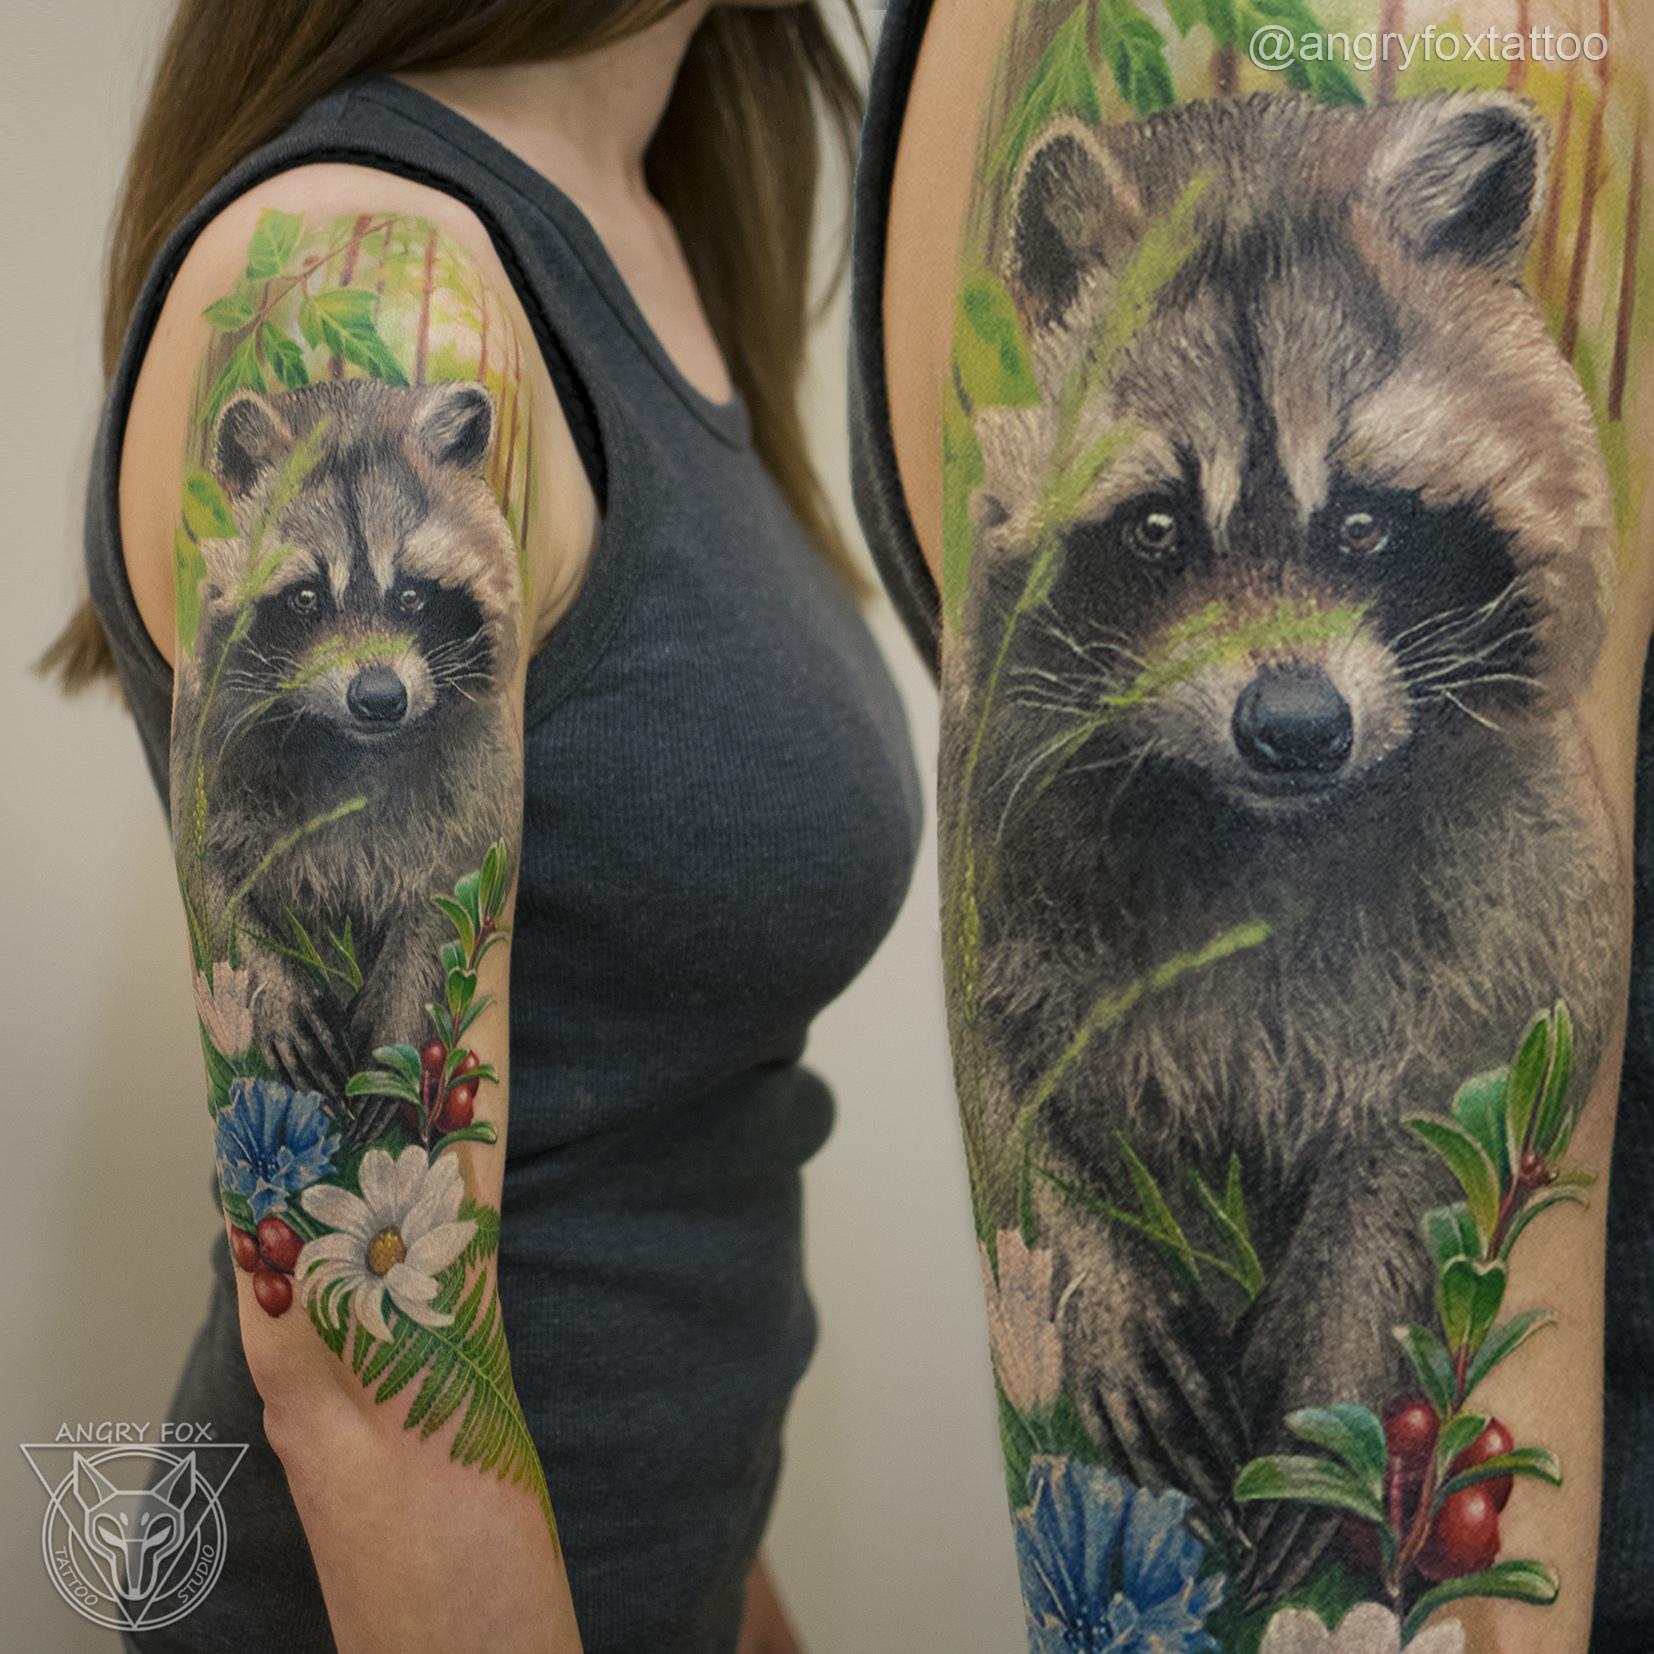 татуировка, тату, рука, плечо, локоть, девушка, реализм, енот, василек, брусника, ромашка, папоротник, лес, листья